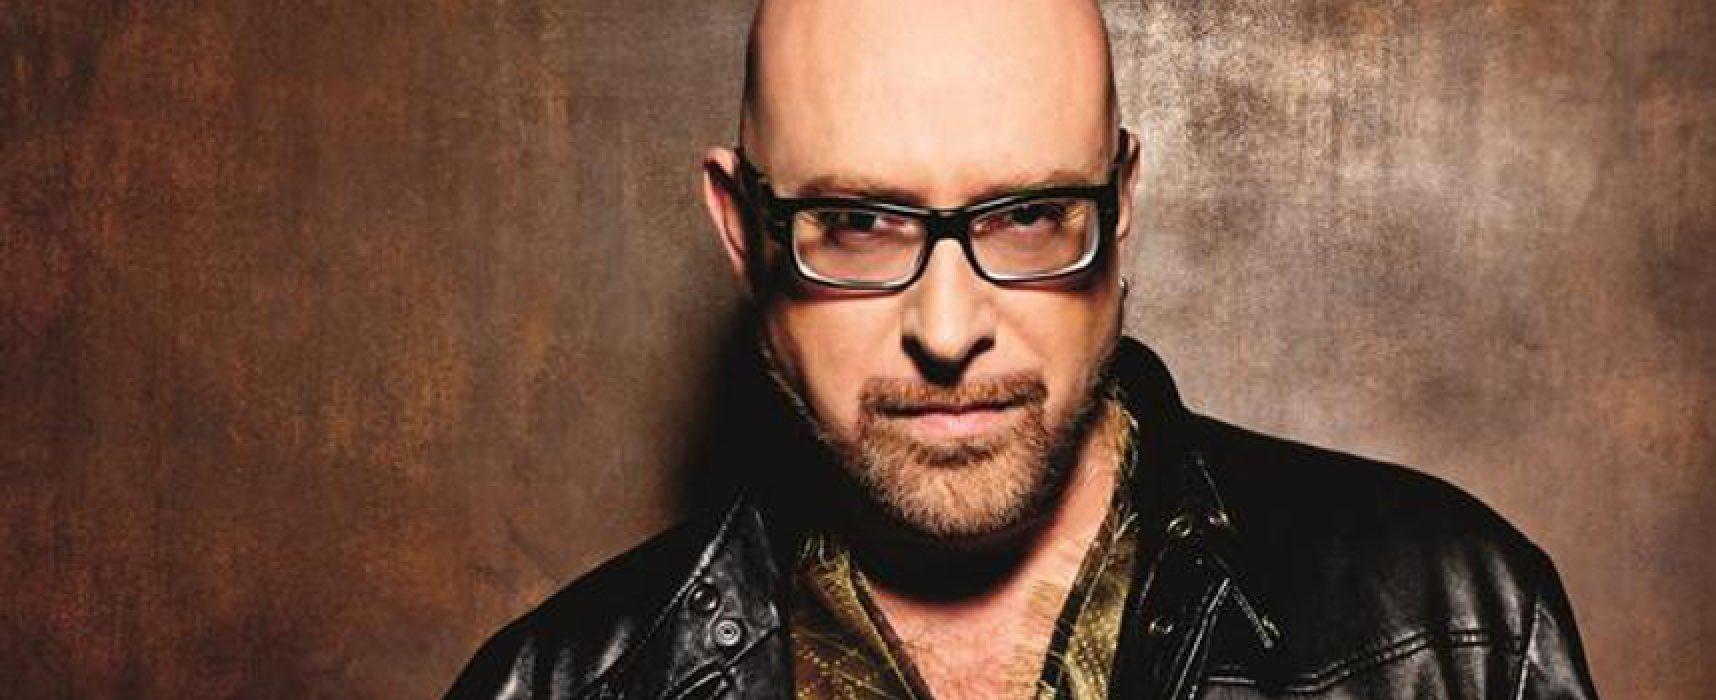 """Luce Music Festival, Mario Biondi arriva a Bisceglie con il suo tour """"Best of soul"""""""